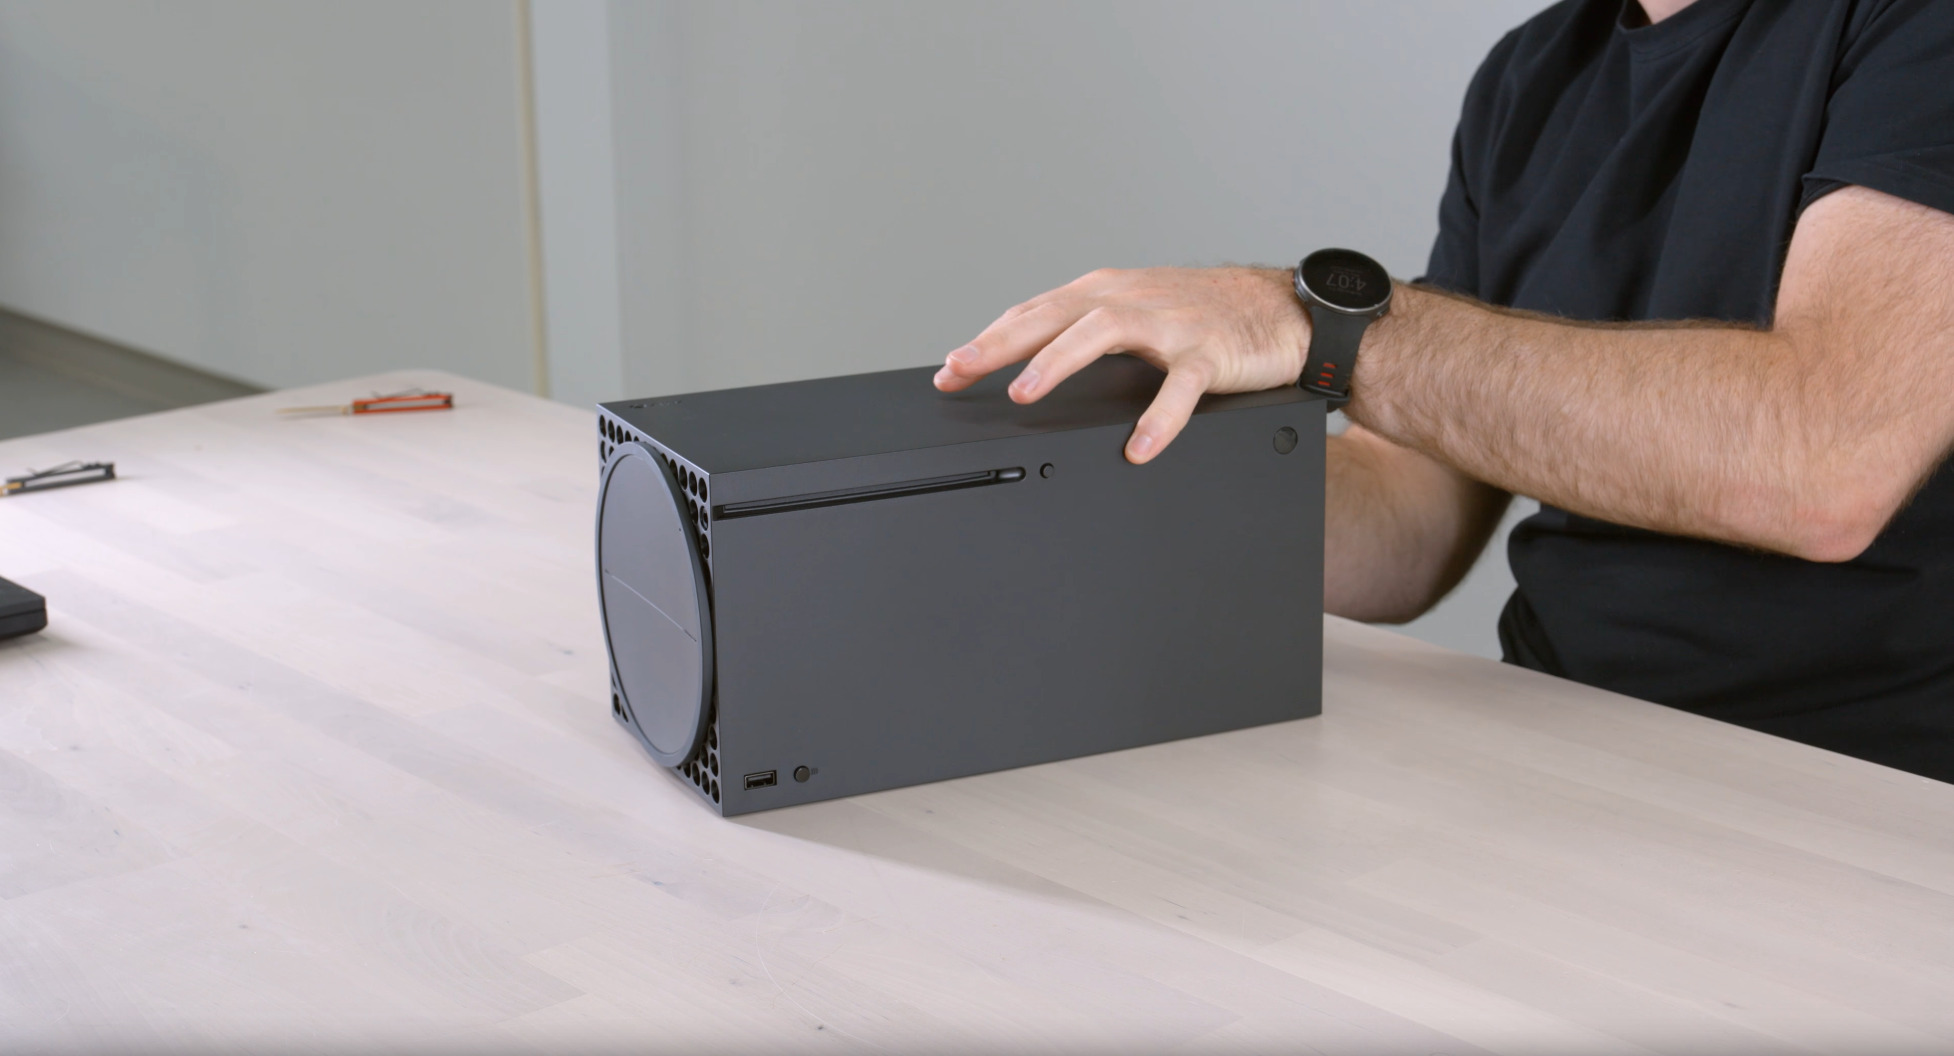 ELWM4sc - 【ルックス対決】XBOXとPS5、どっちのデザインが好き?どっちを家に置きたい?